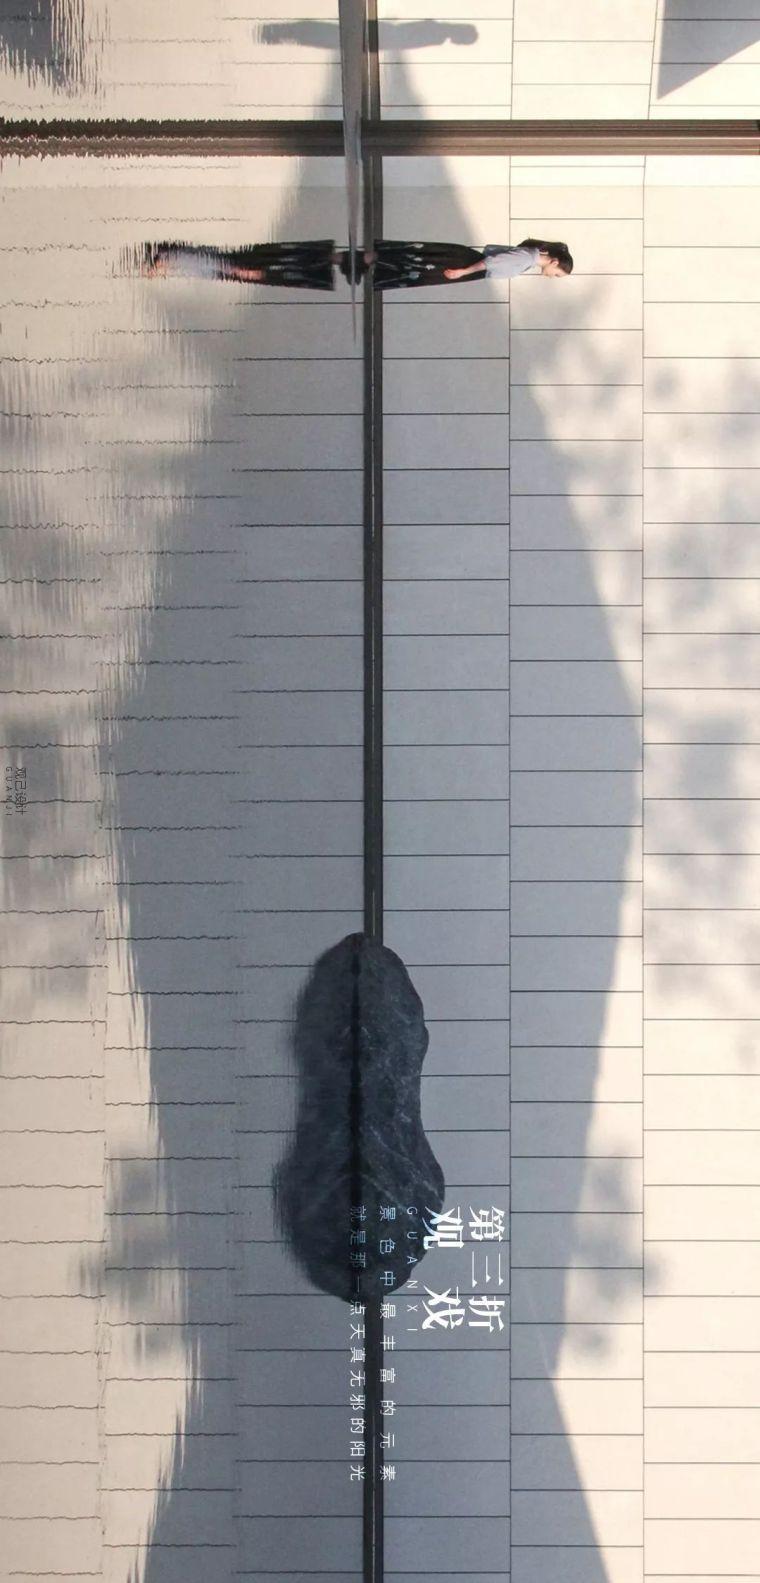 宋式园林,山海剧场|融创&新希望·御栖湖_22